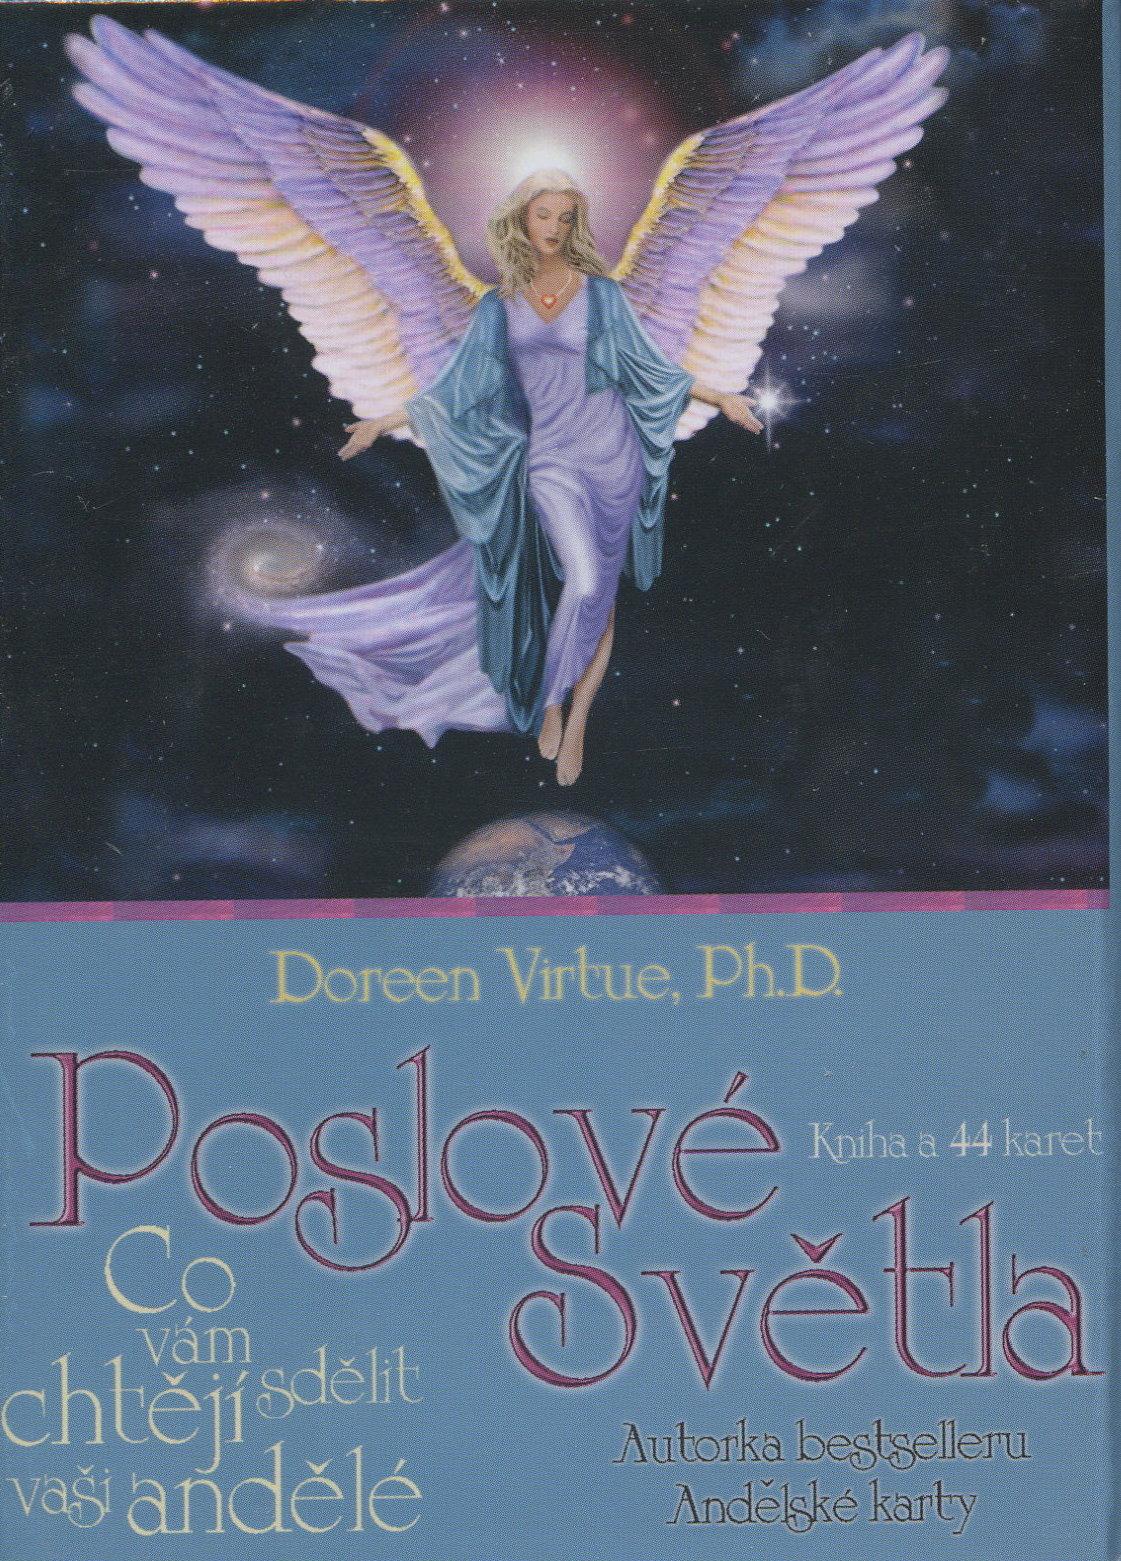 Poslové světla (kniha a karty) - Co vám chtějí sdělit vaši andělé. Kniha a 44 karet.